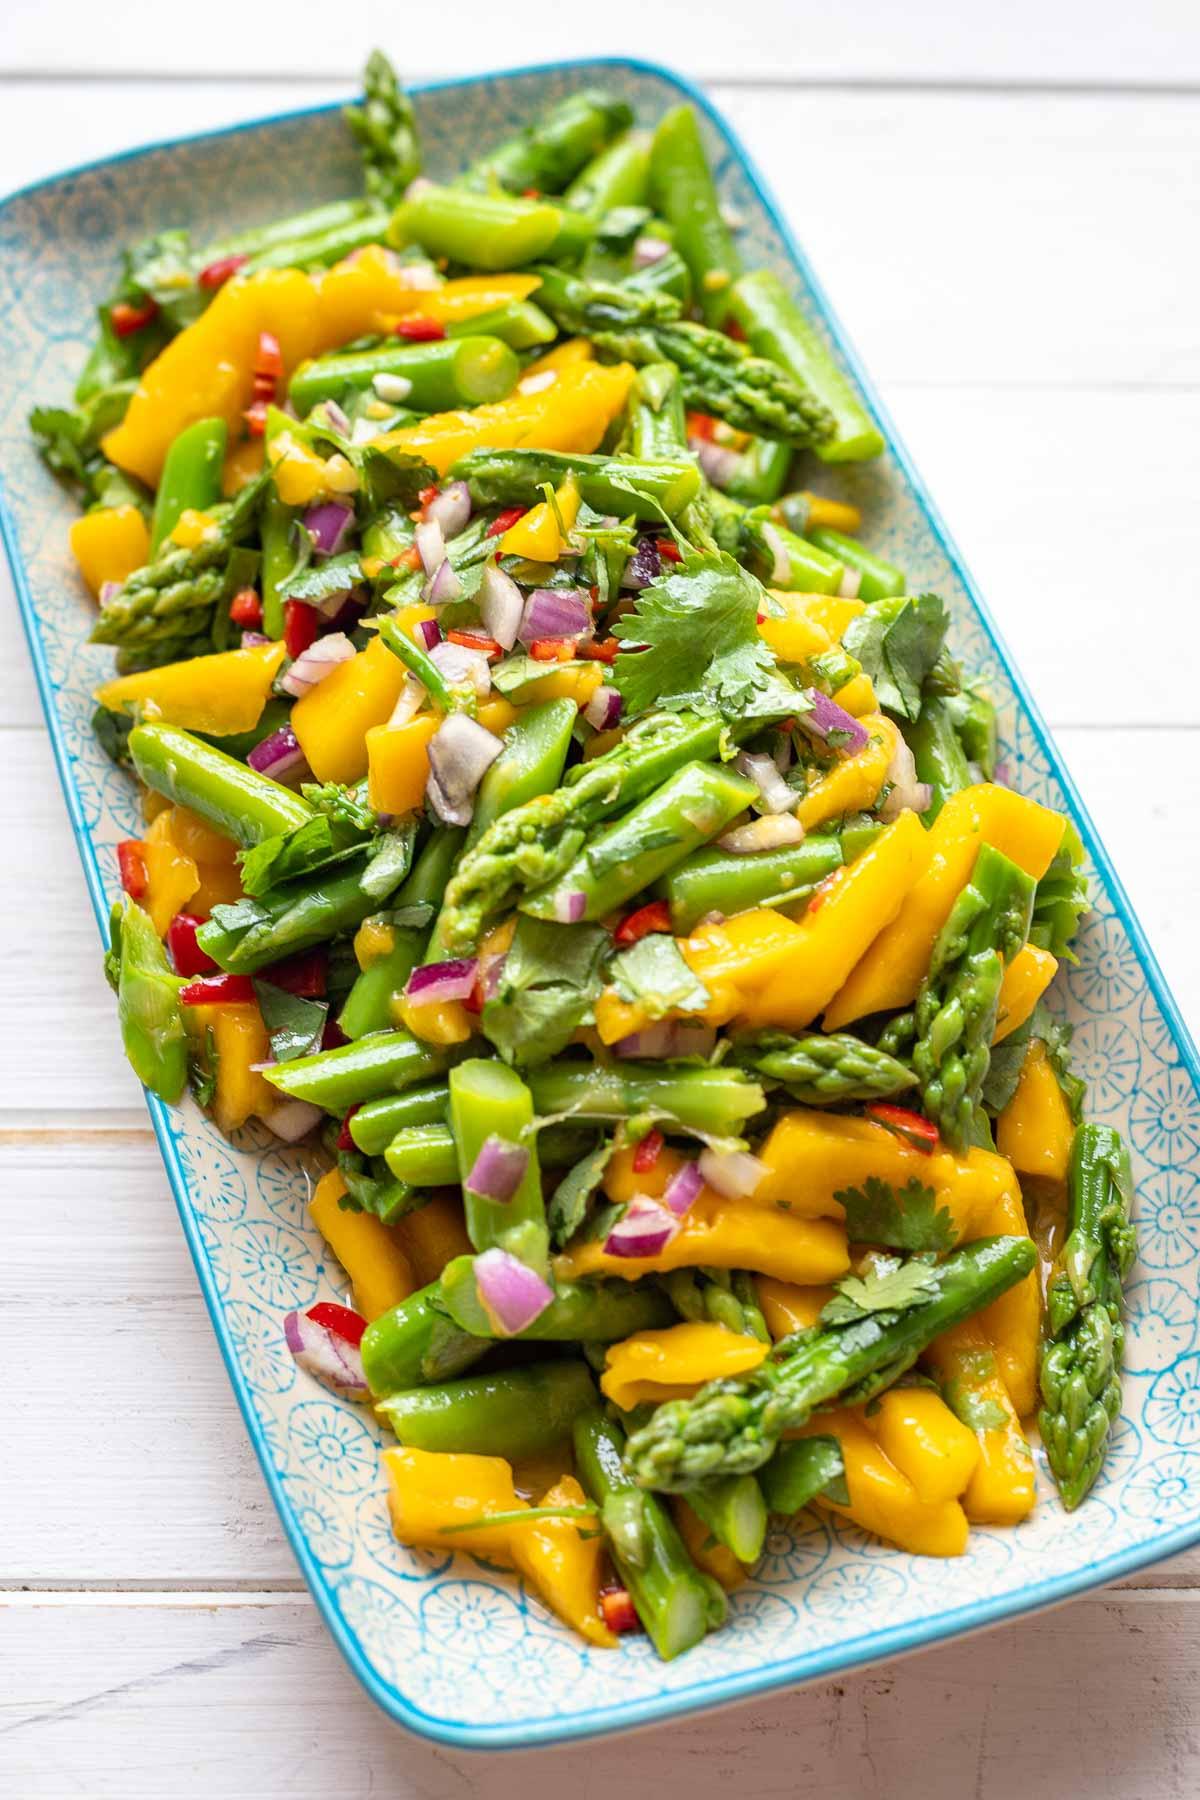 Spargel-Mango-Salat Rezept (1 of 1)